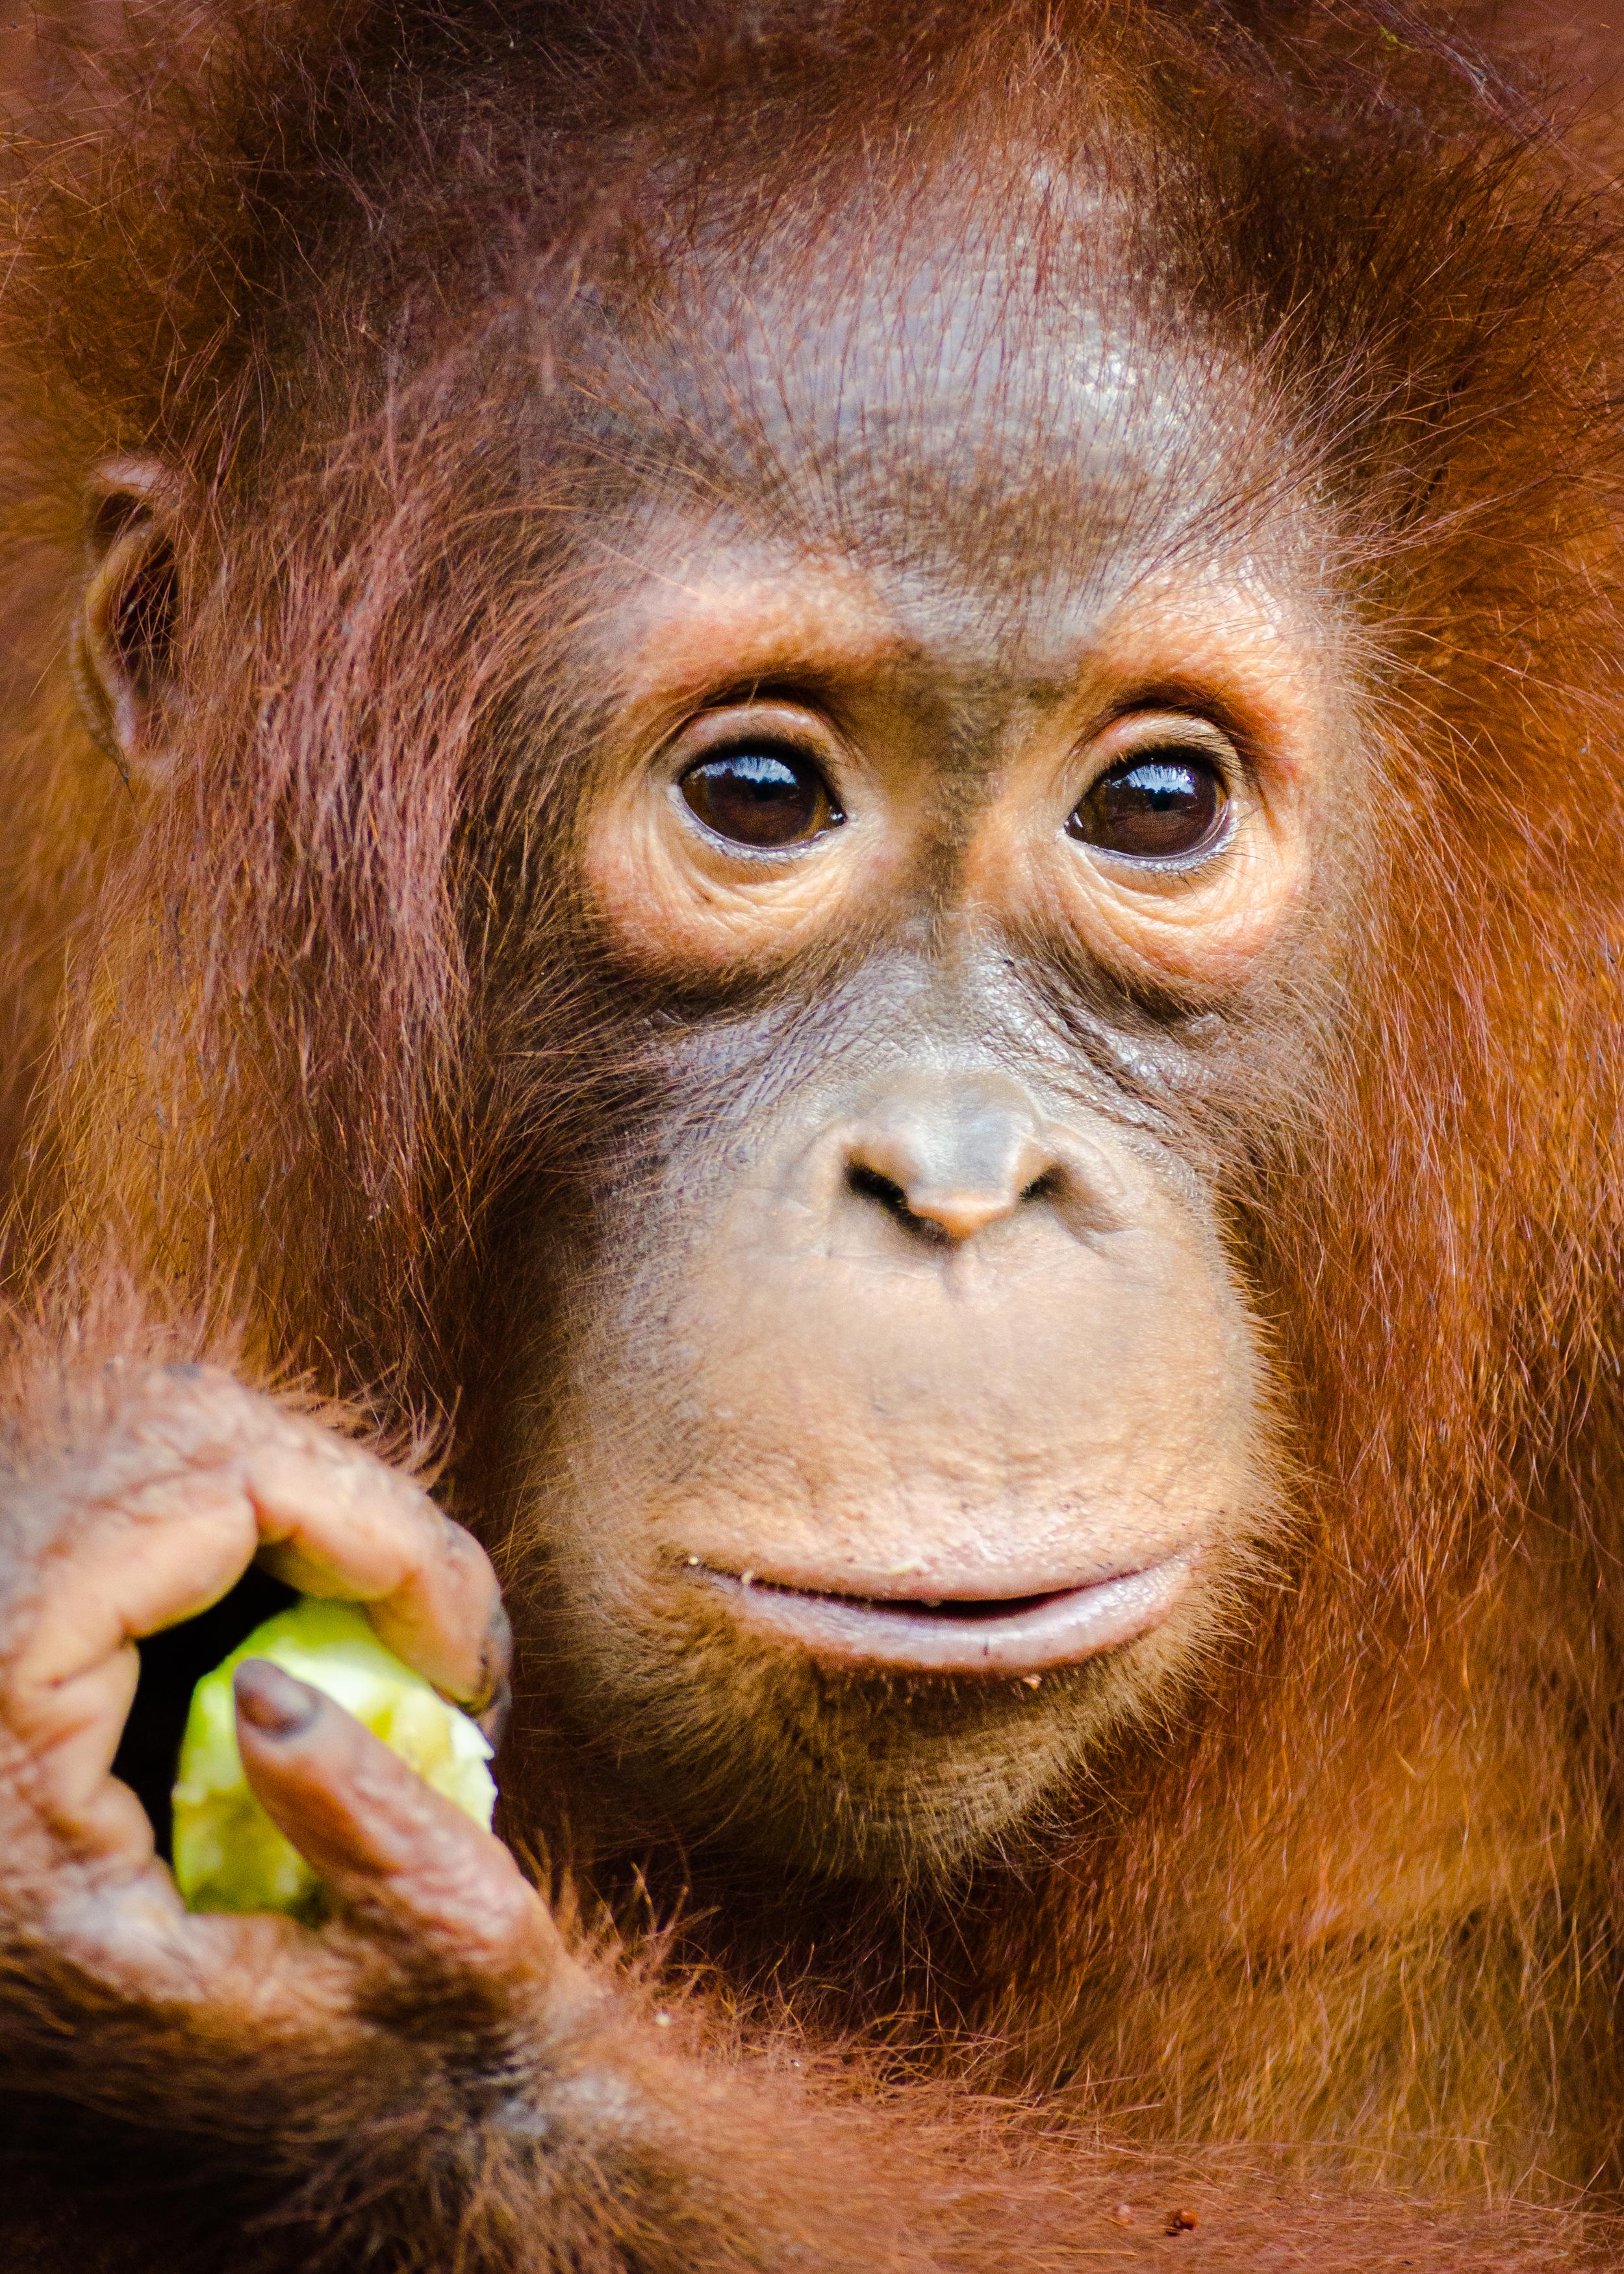 orang-utan-close-up.jpg